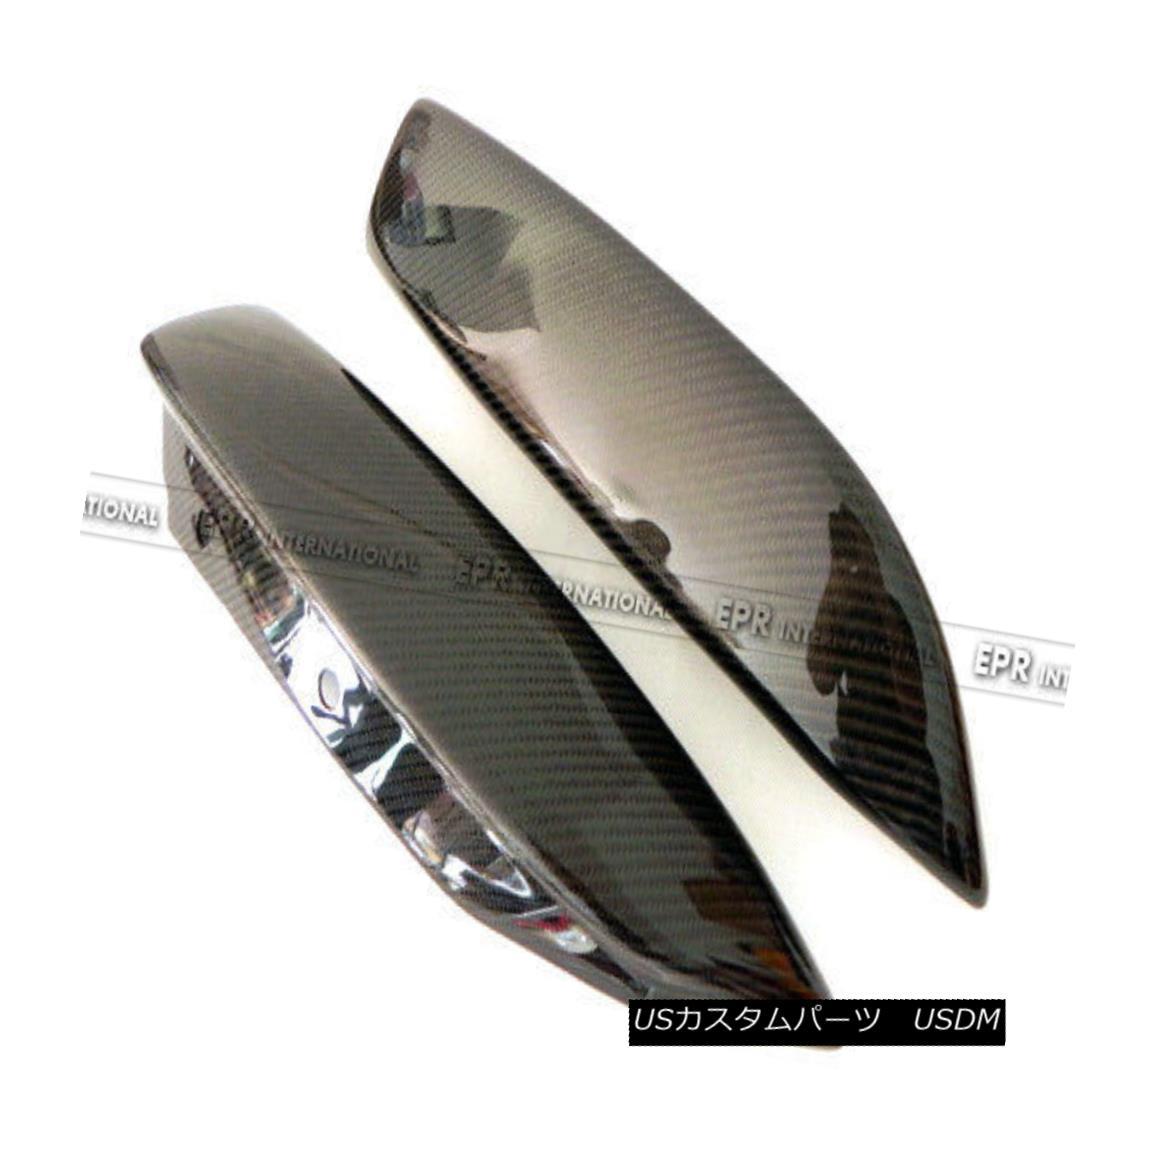 エアロパーツ AER For Hyundai Genesis Rohens Coupe 09 Rear Bumper Spat Add on Kit Carbon Fiber Hyundai GenesisのAER for Roenes Coupe 09リアバンパースパットキットに追加カーボンファイバー